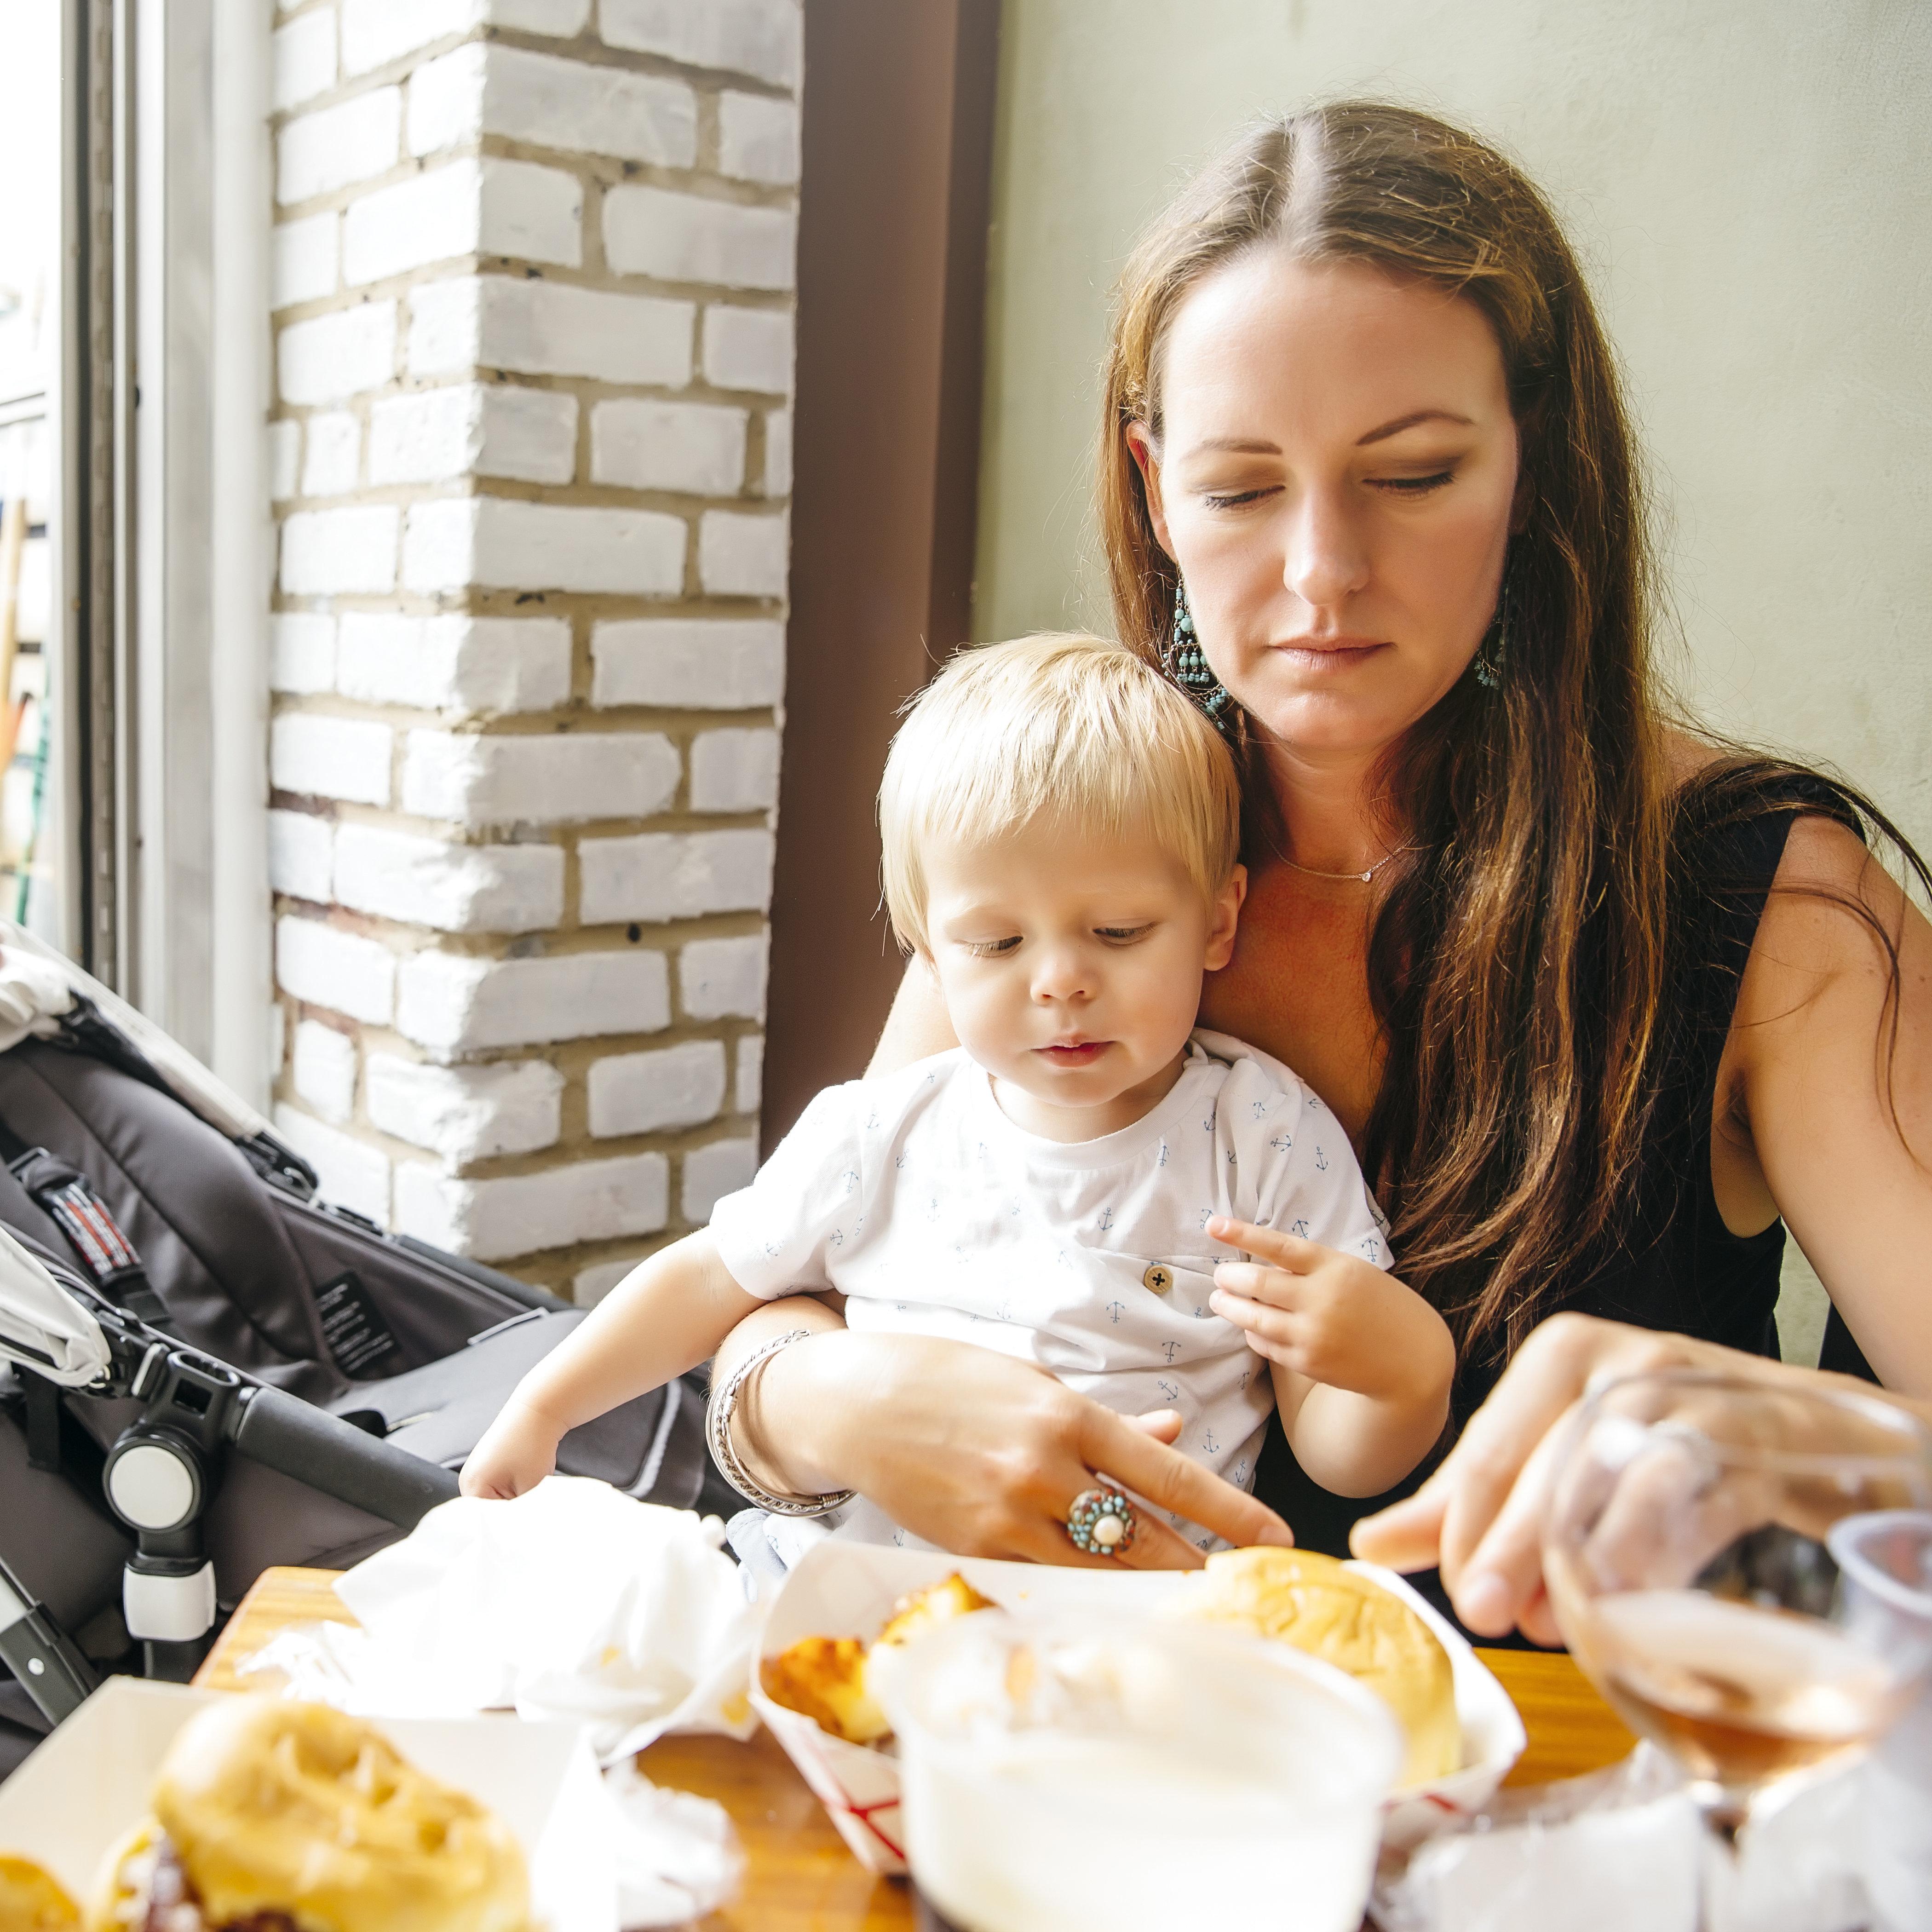 Mutter nimmt ihr Baby mit ins Restaurant – so demütigen sie die